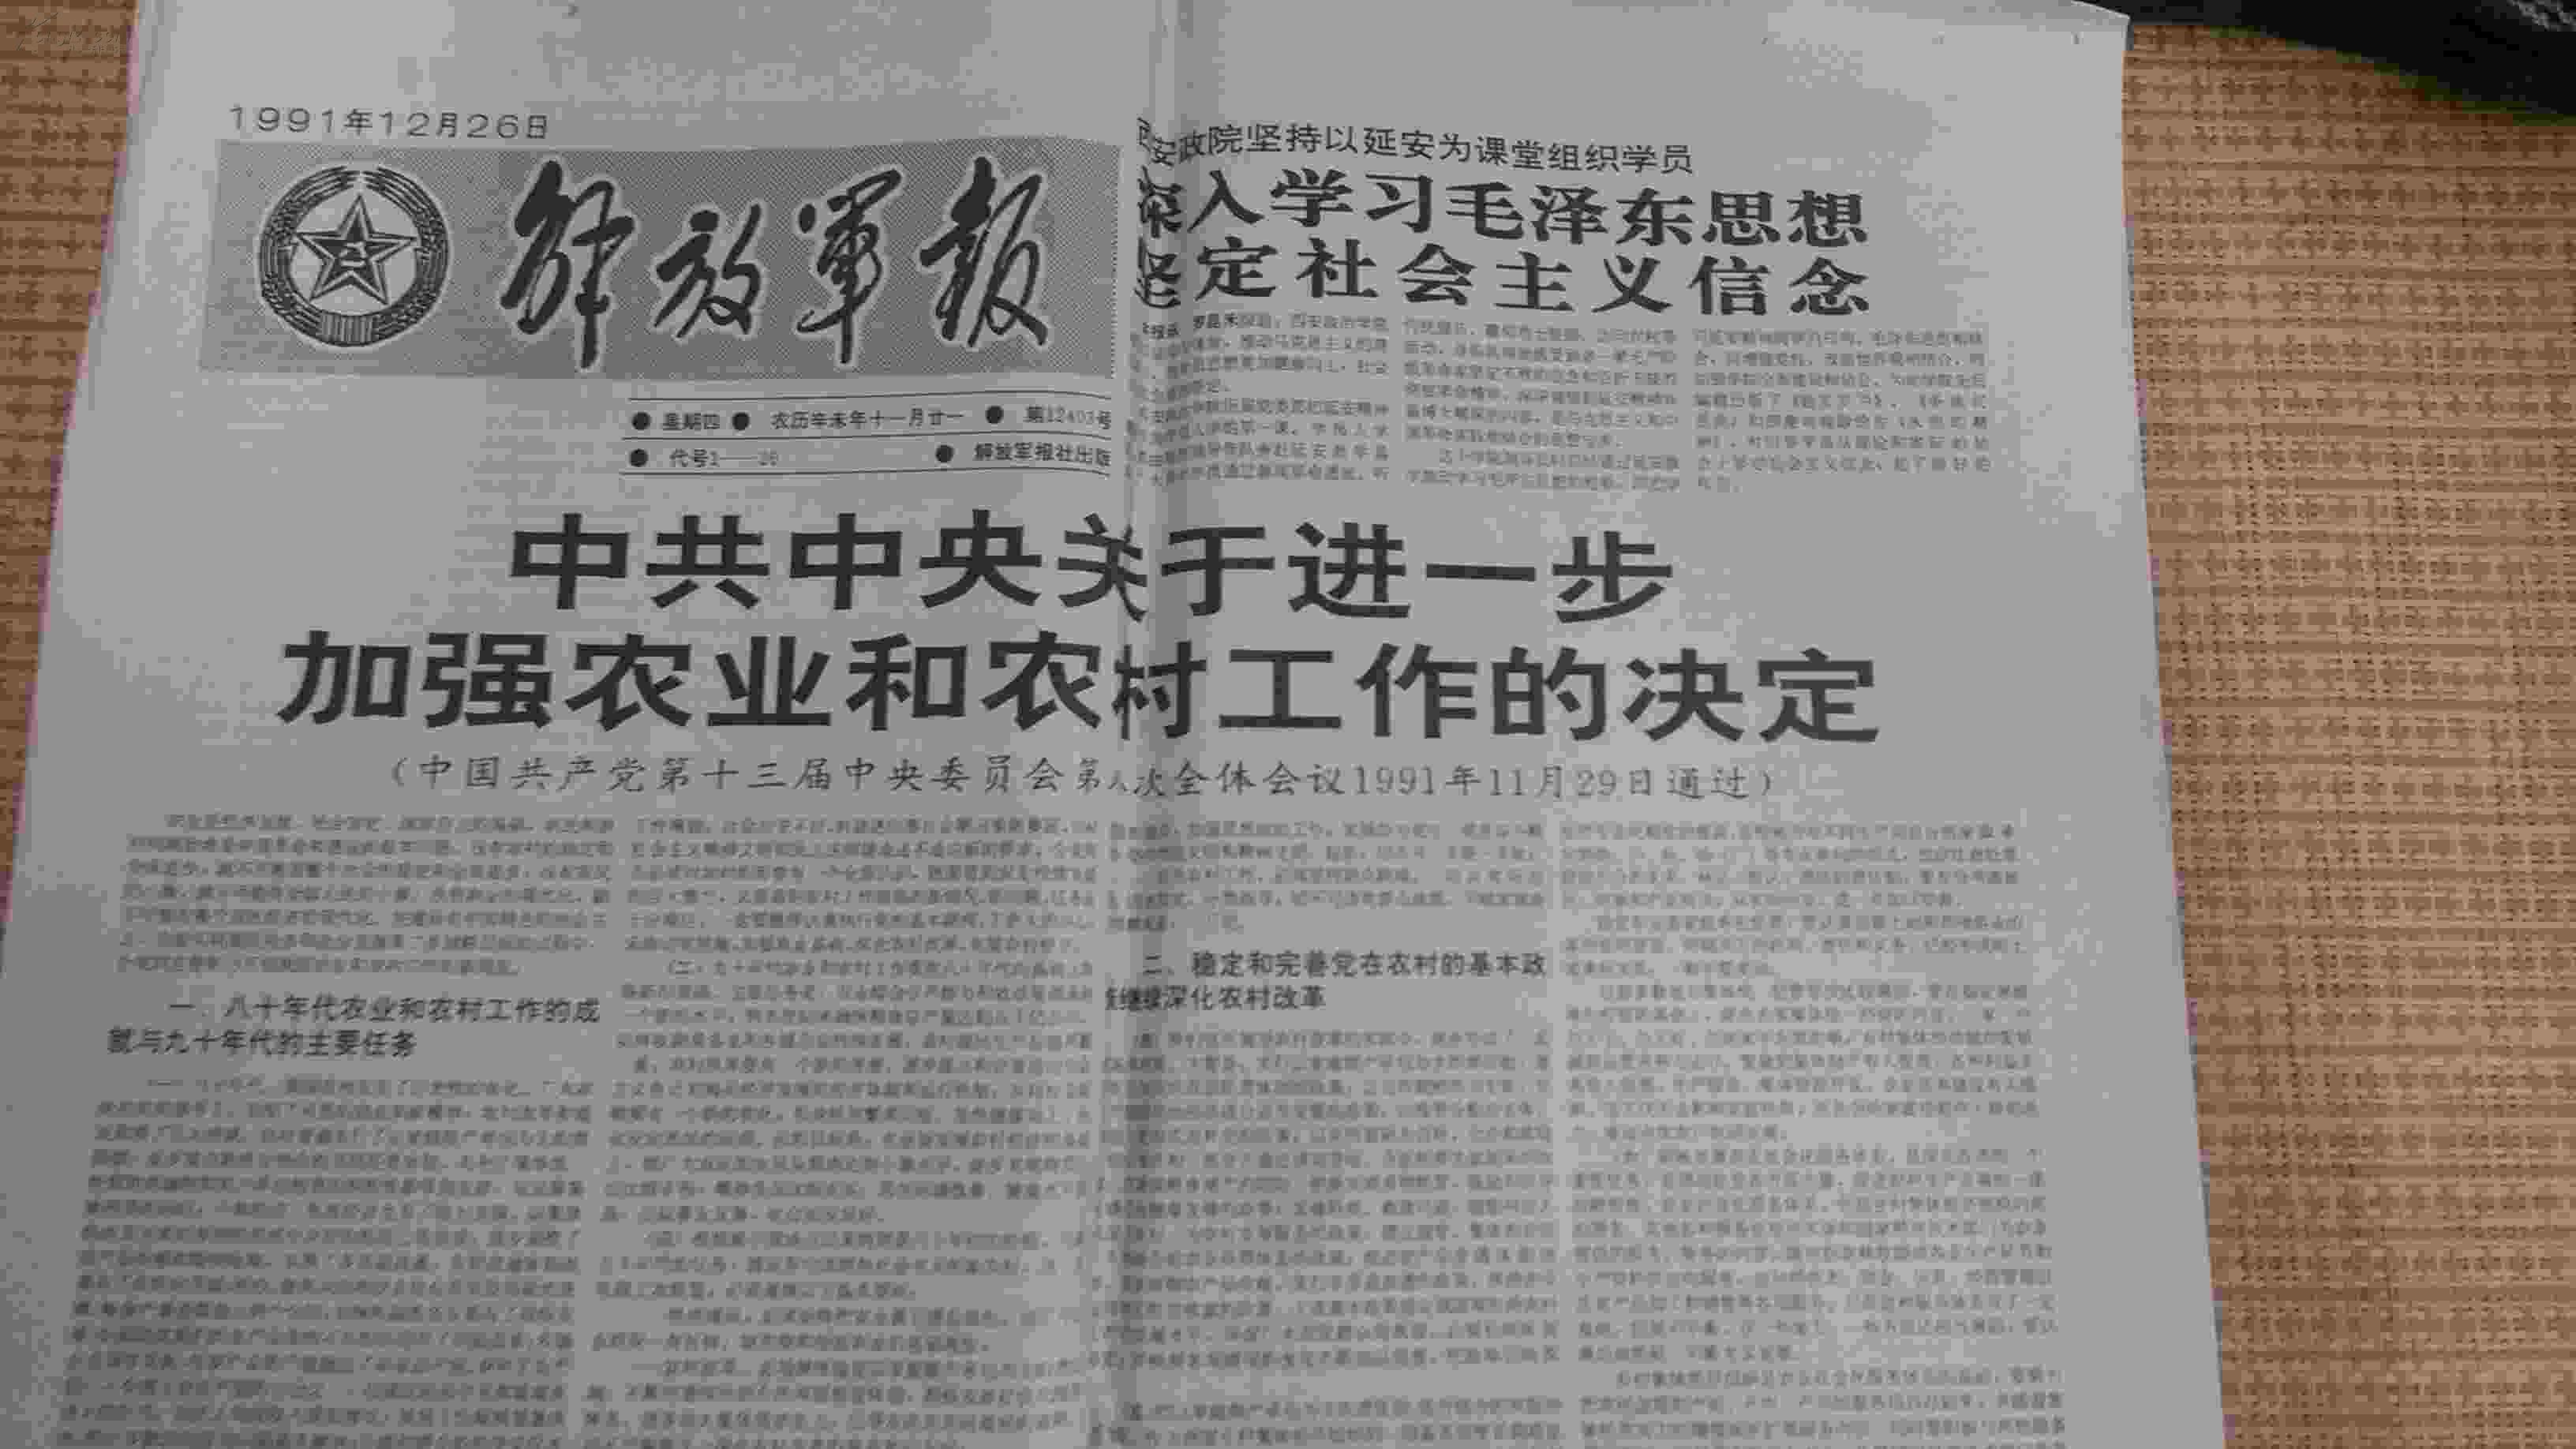 解放军报(1991年12月26日)